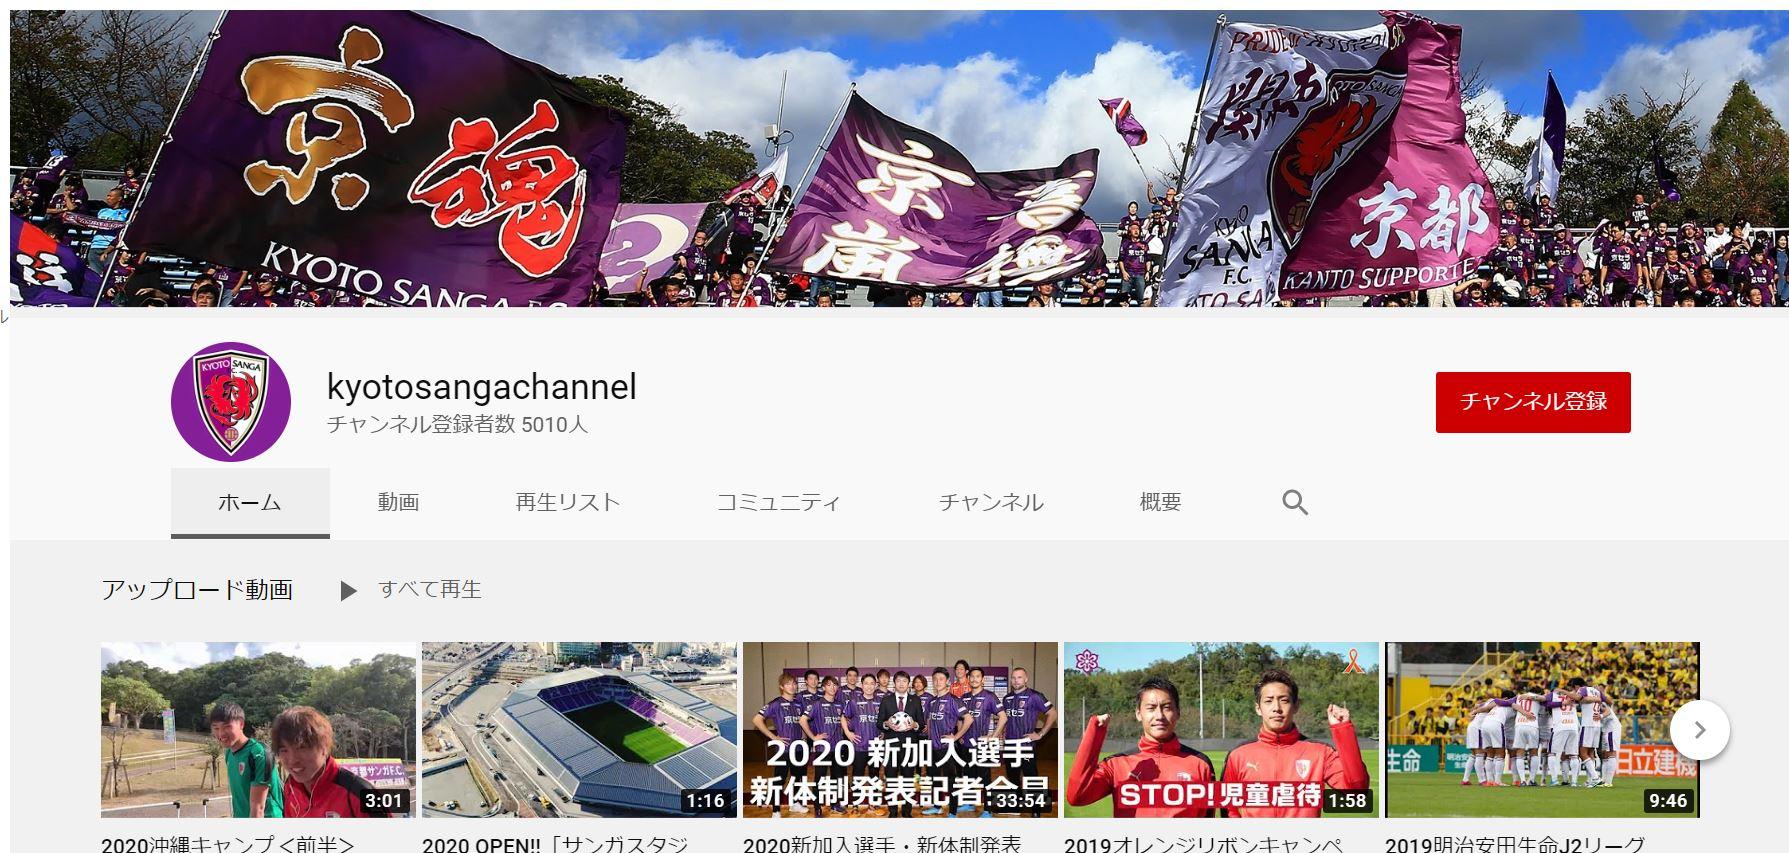 京都サンガ公式YouTube